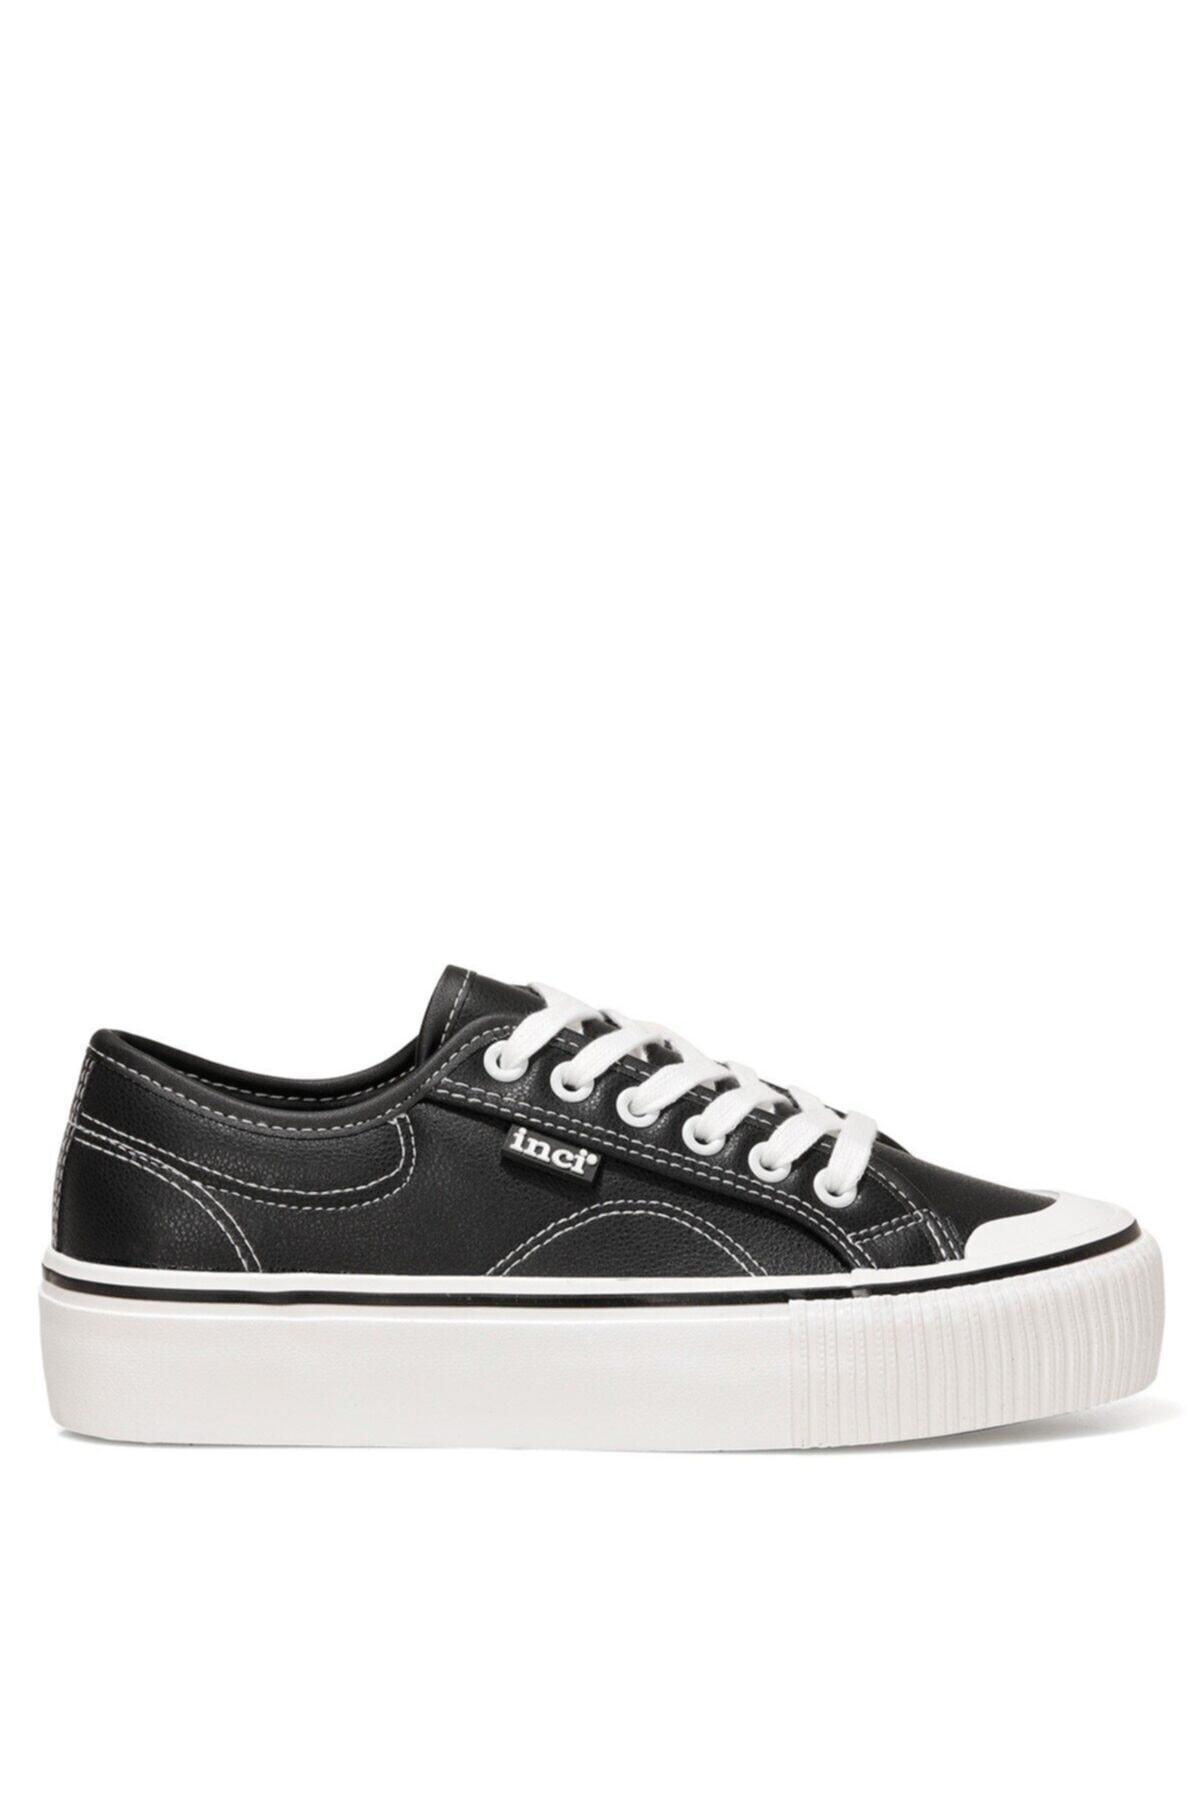 SALIDIA 1FX Siyah Kadın Sneaker Ayakkabı 101029462